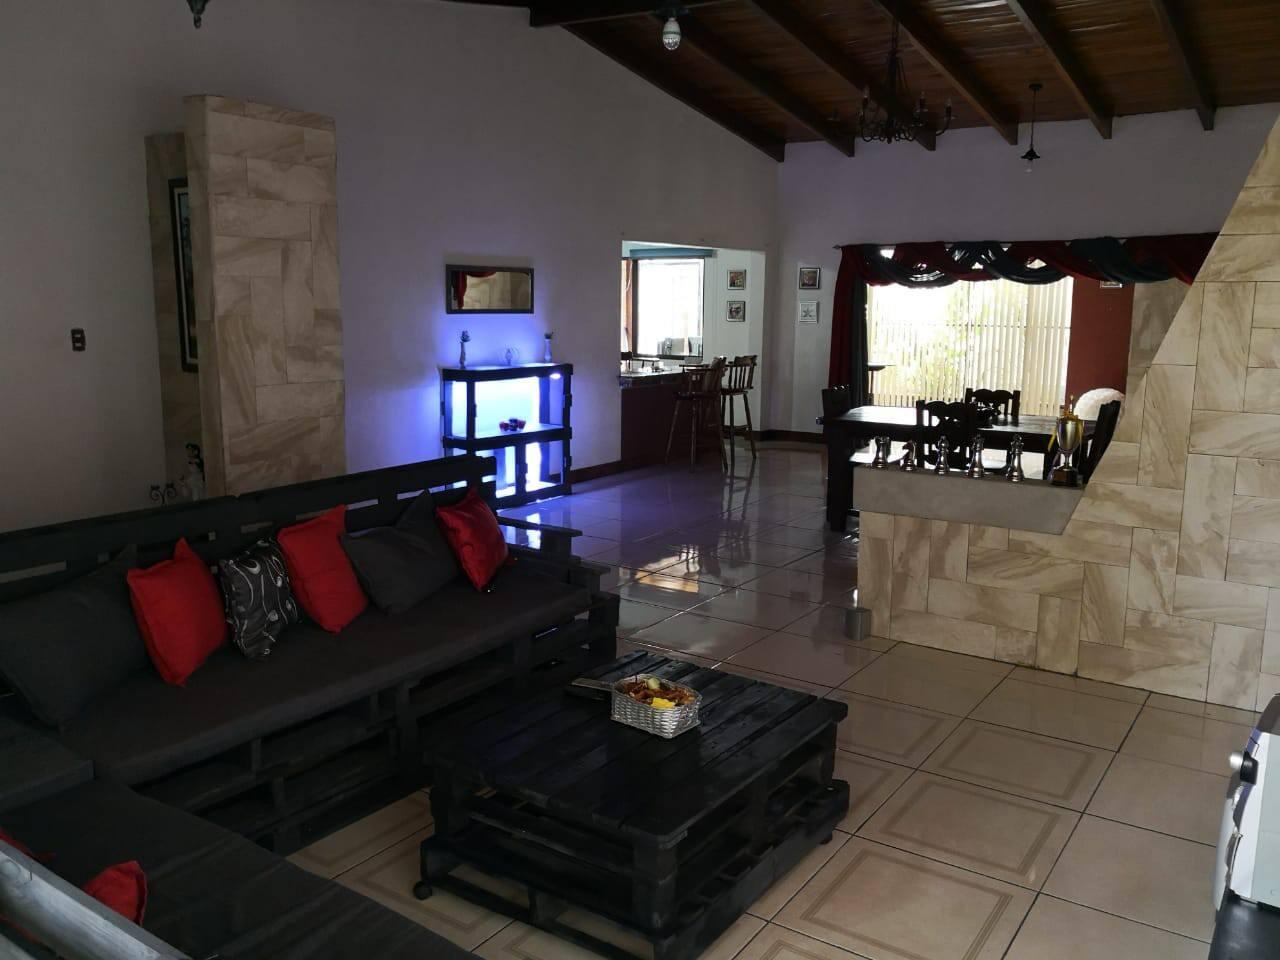 Amplia Sala con moderna decoración